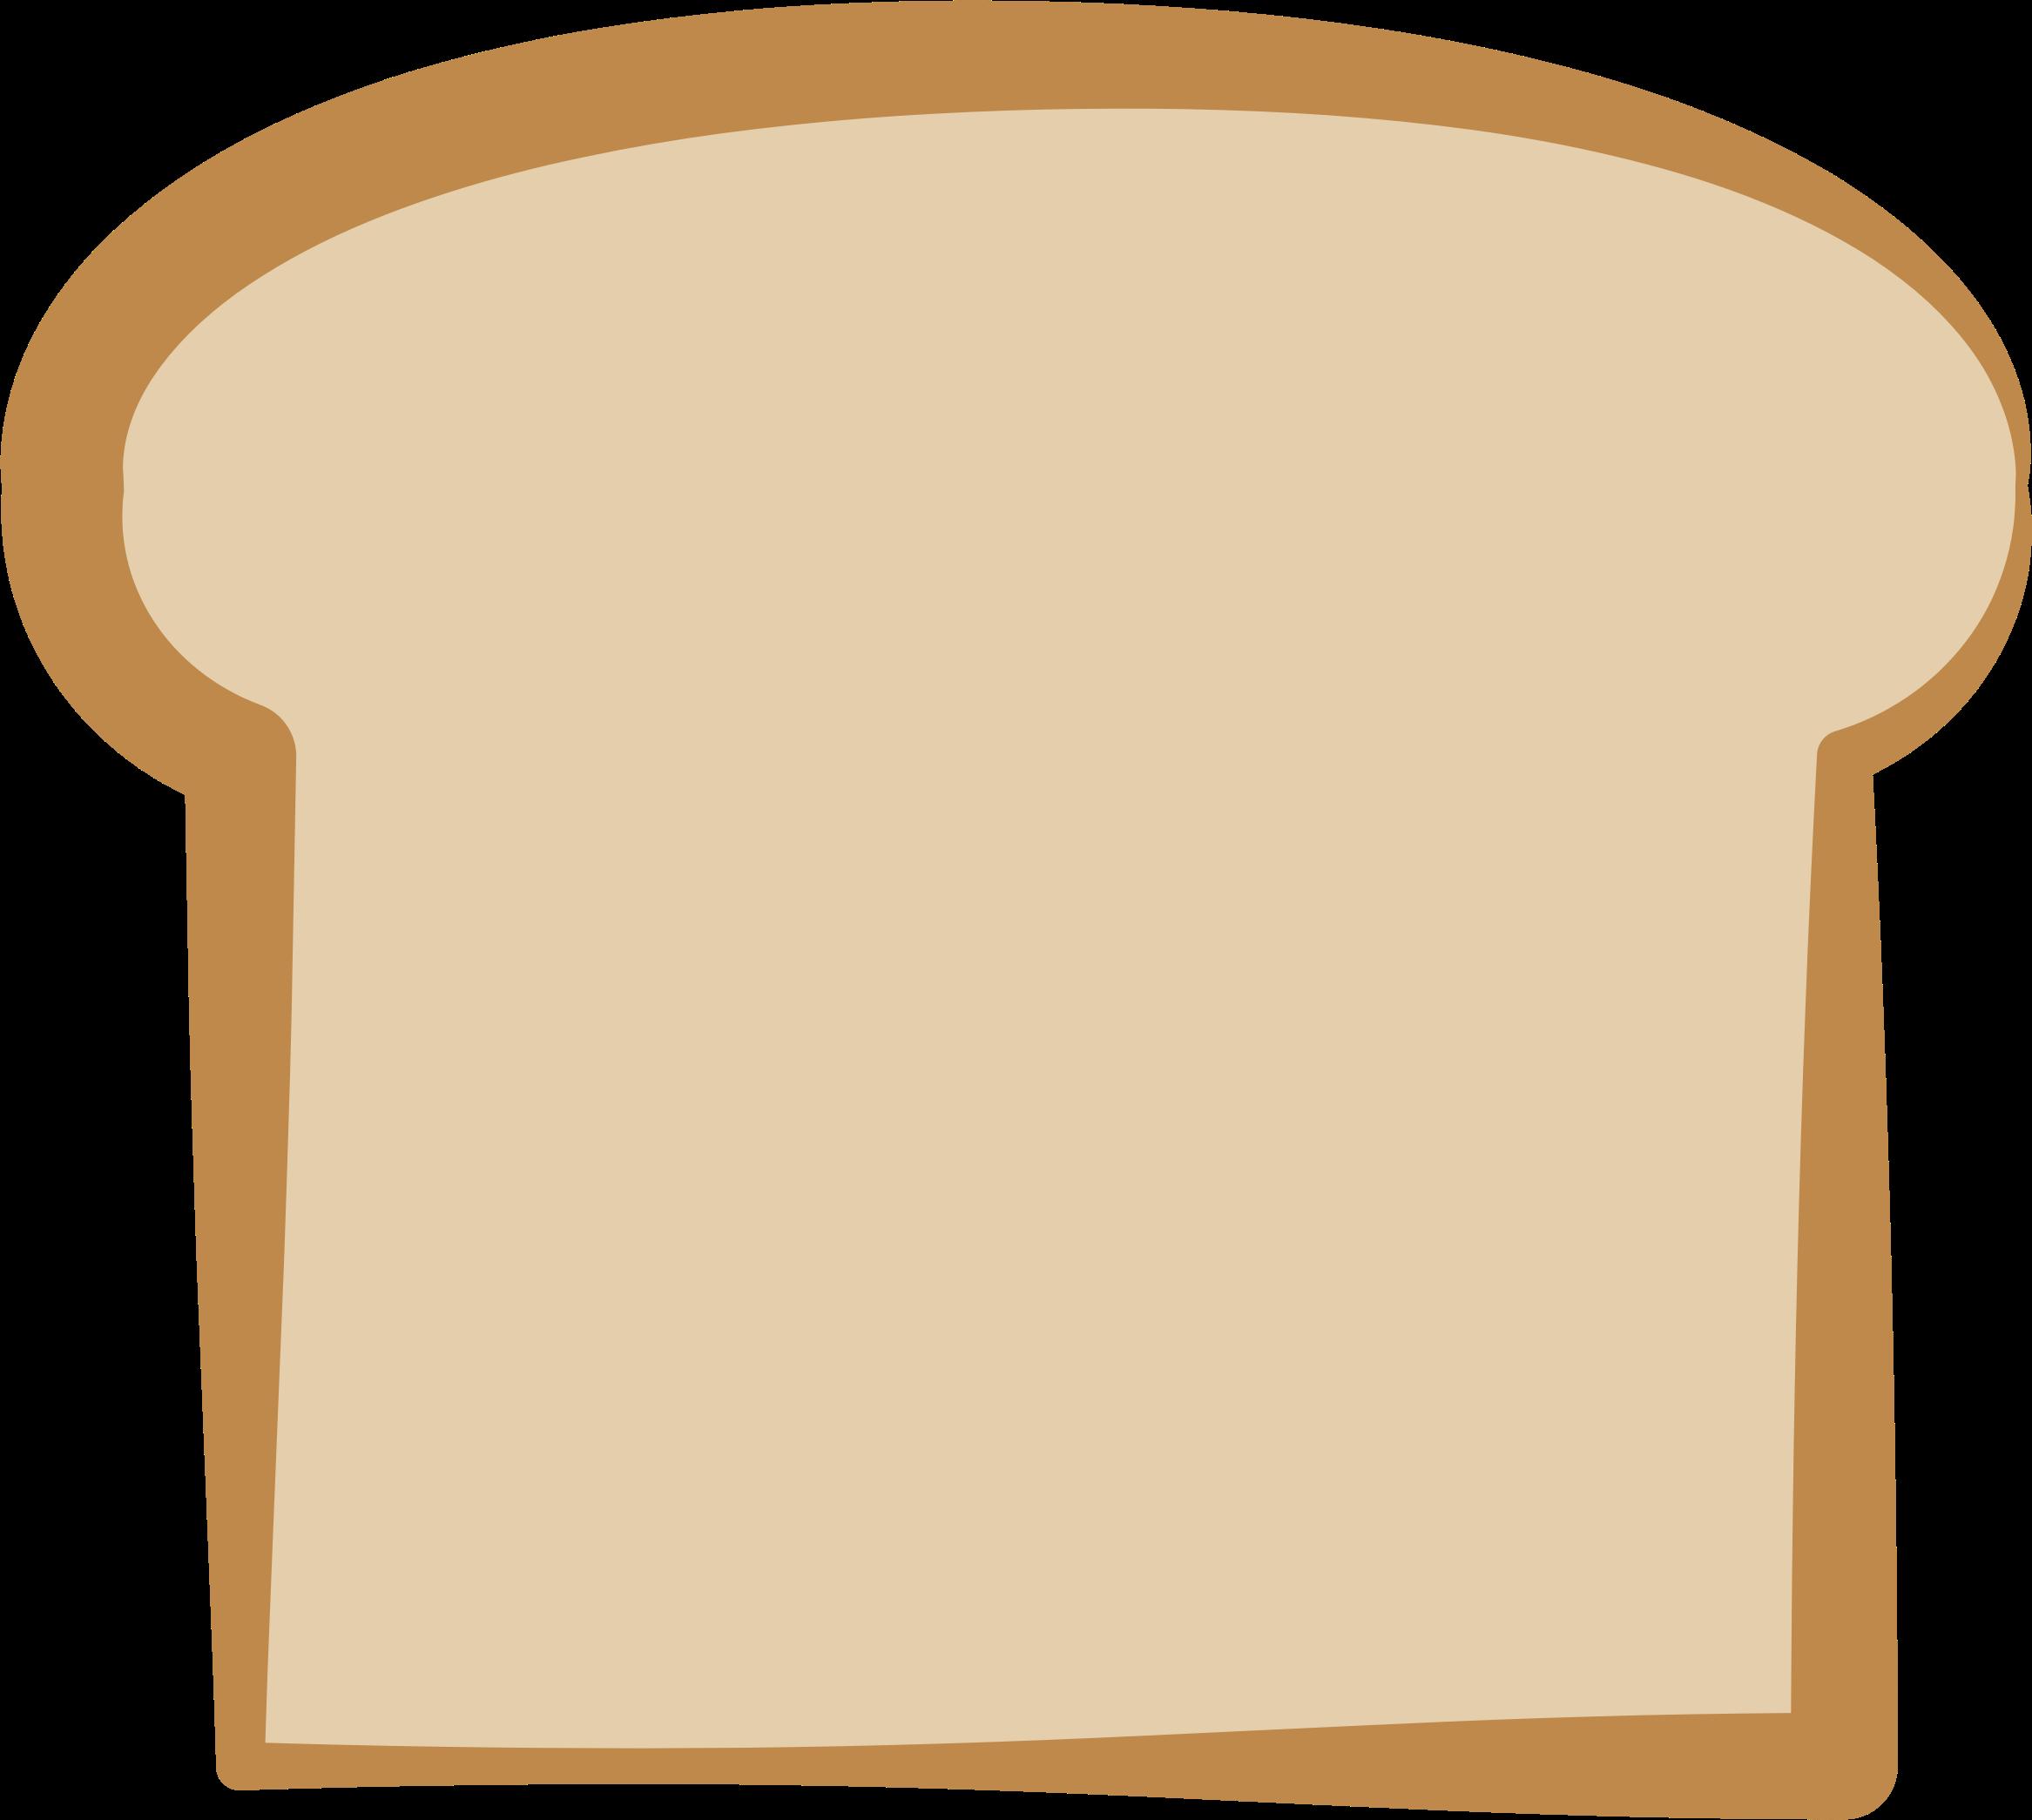 Clipart - Bread